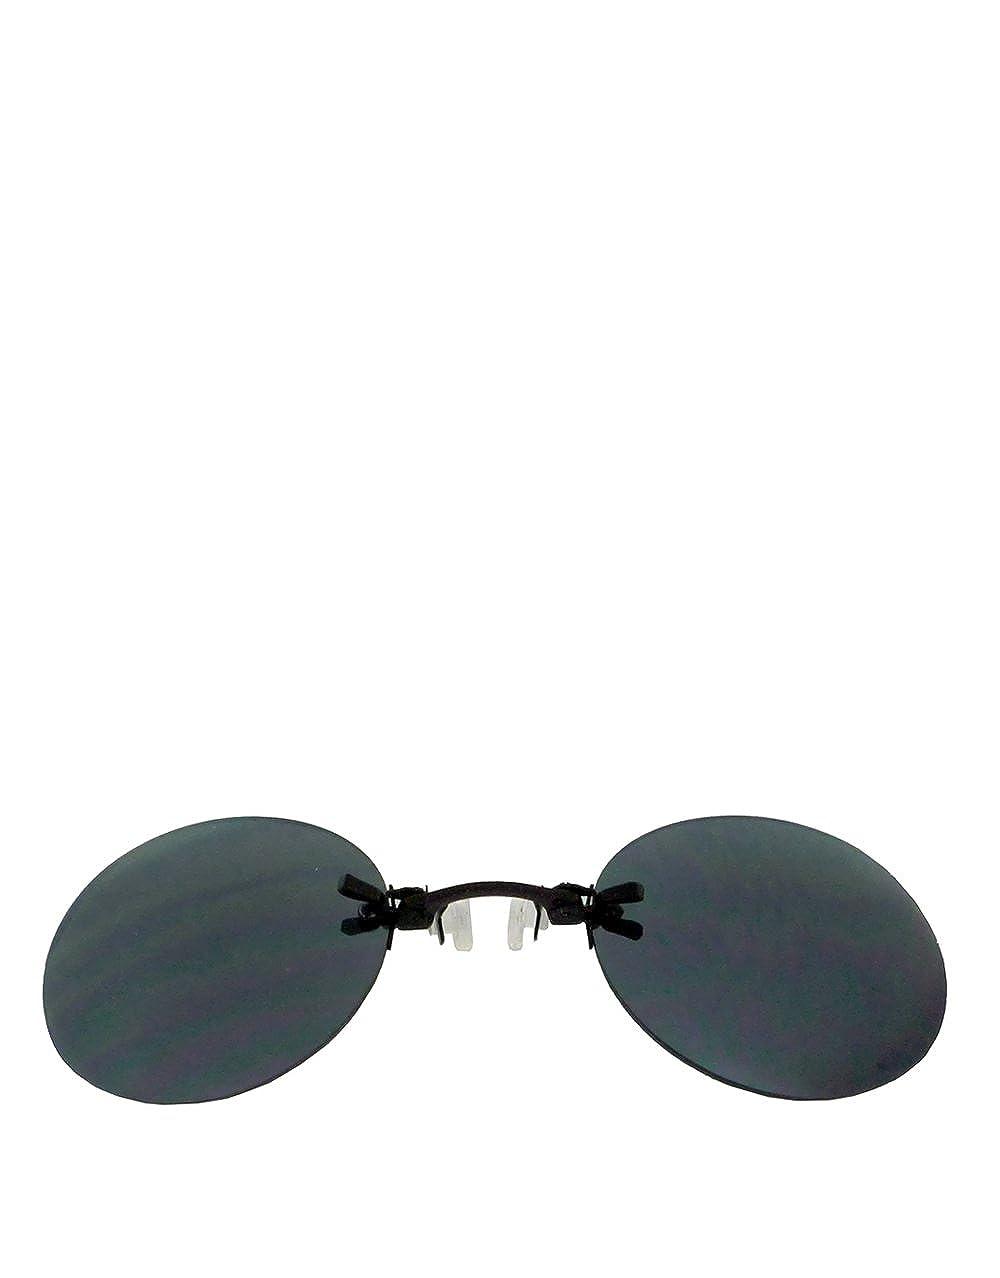 Morpheus occhiali da sole, Senza montatura / Lente di fumo